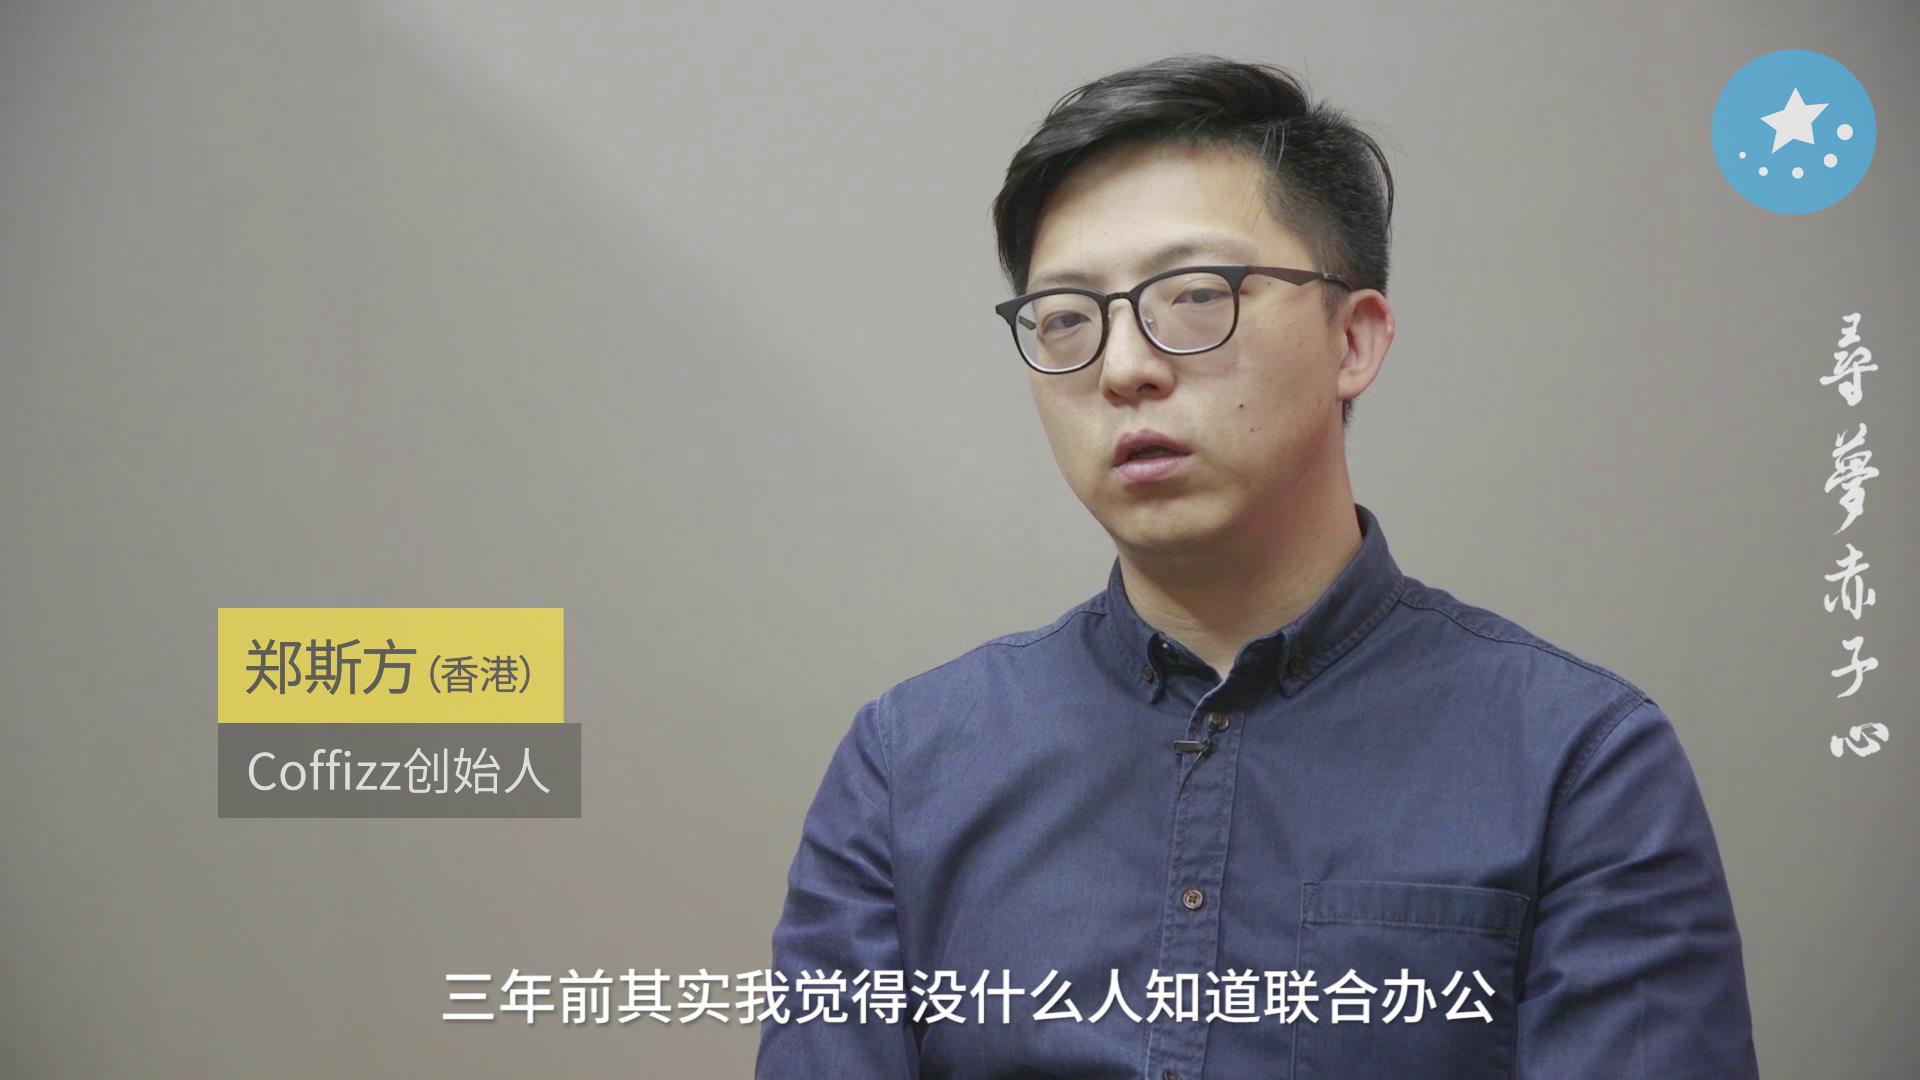 """香港青年扎根王府井十年,创办""""共享办公室""""图片"""